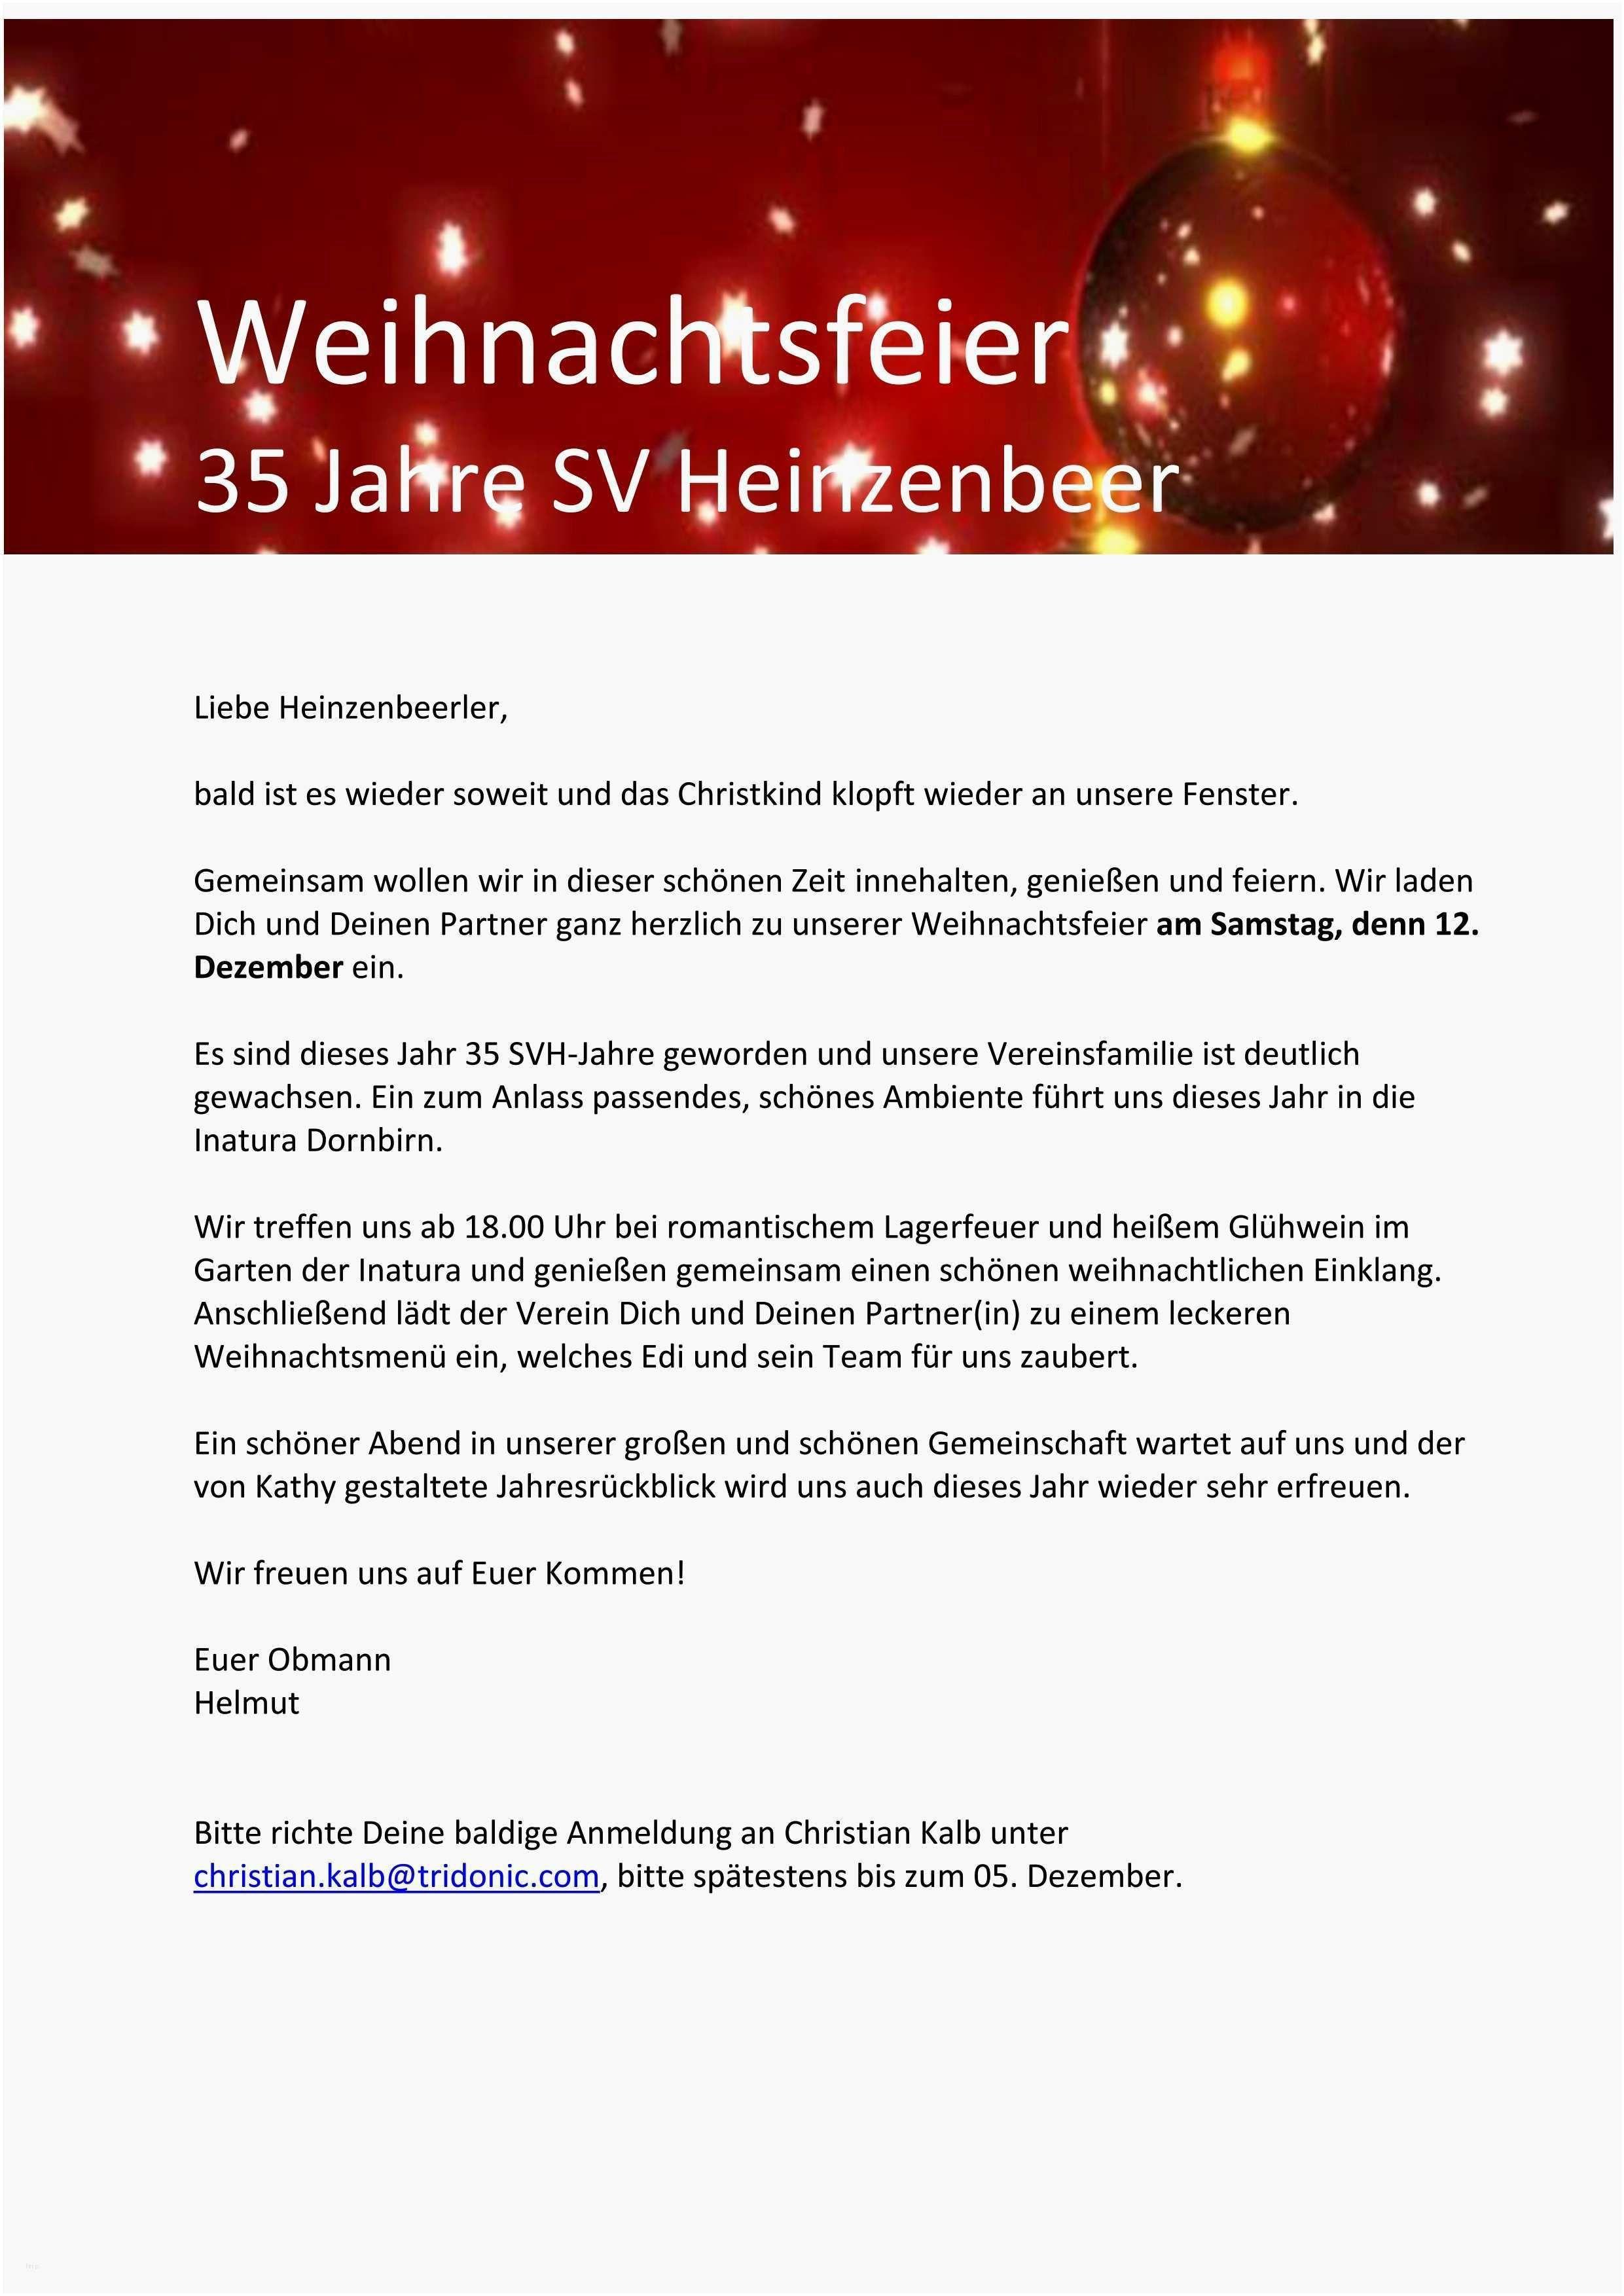 Weihnachtsfeier Einladung Lustig Vorlagen.Einladung Zur Weihnachtsfeier Für Freunde Lustige Einladung Zur